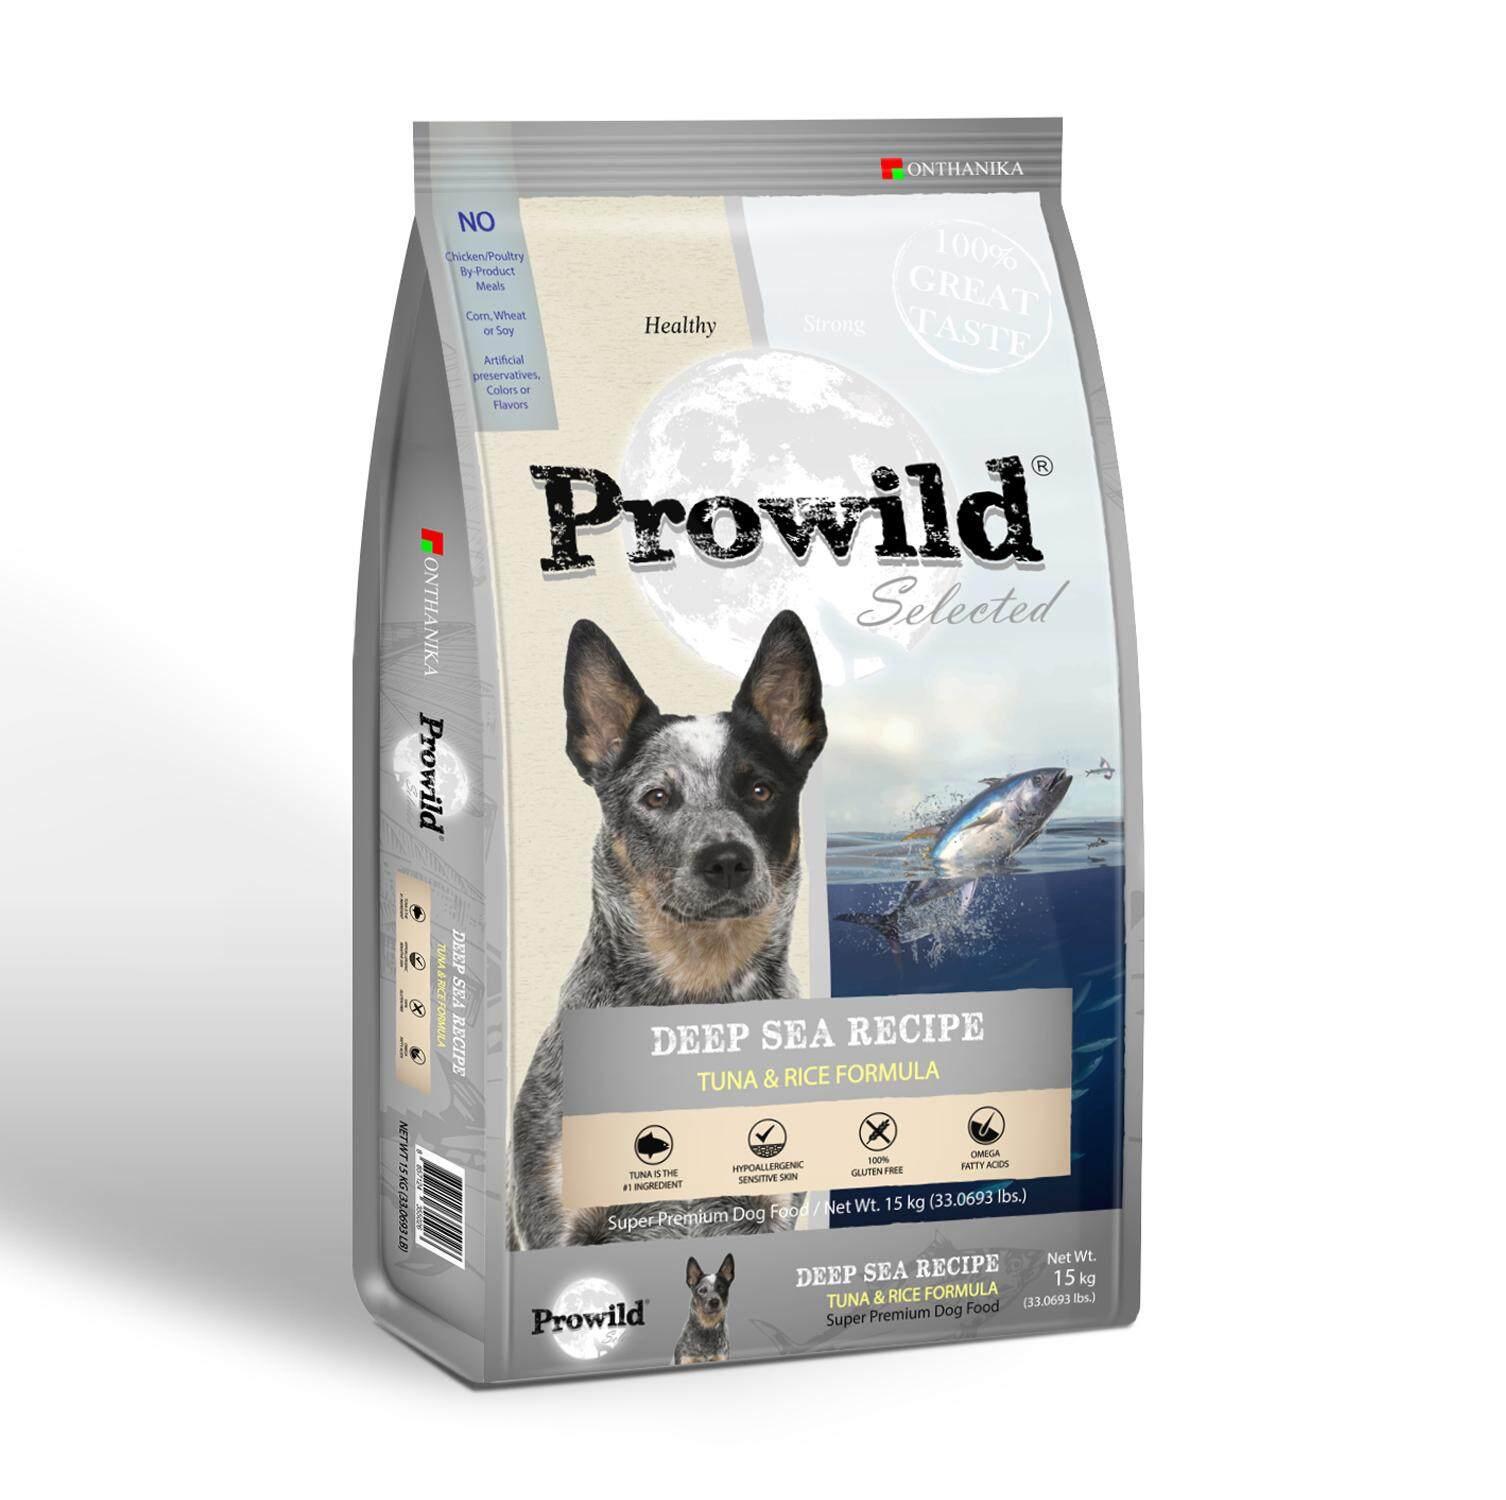 Prowild Selected Deep Sea Tuna & Rice 15 Kg. อาหารสุนัขโปรไวลด์ สูตรปลาทูน่า 15 กก. สำหรับสุนัขทุกสายพันธ์ุ/ทุกช่วงอายุ.